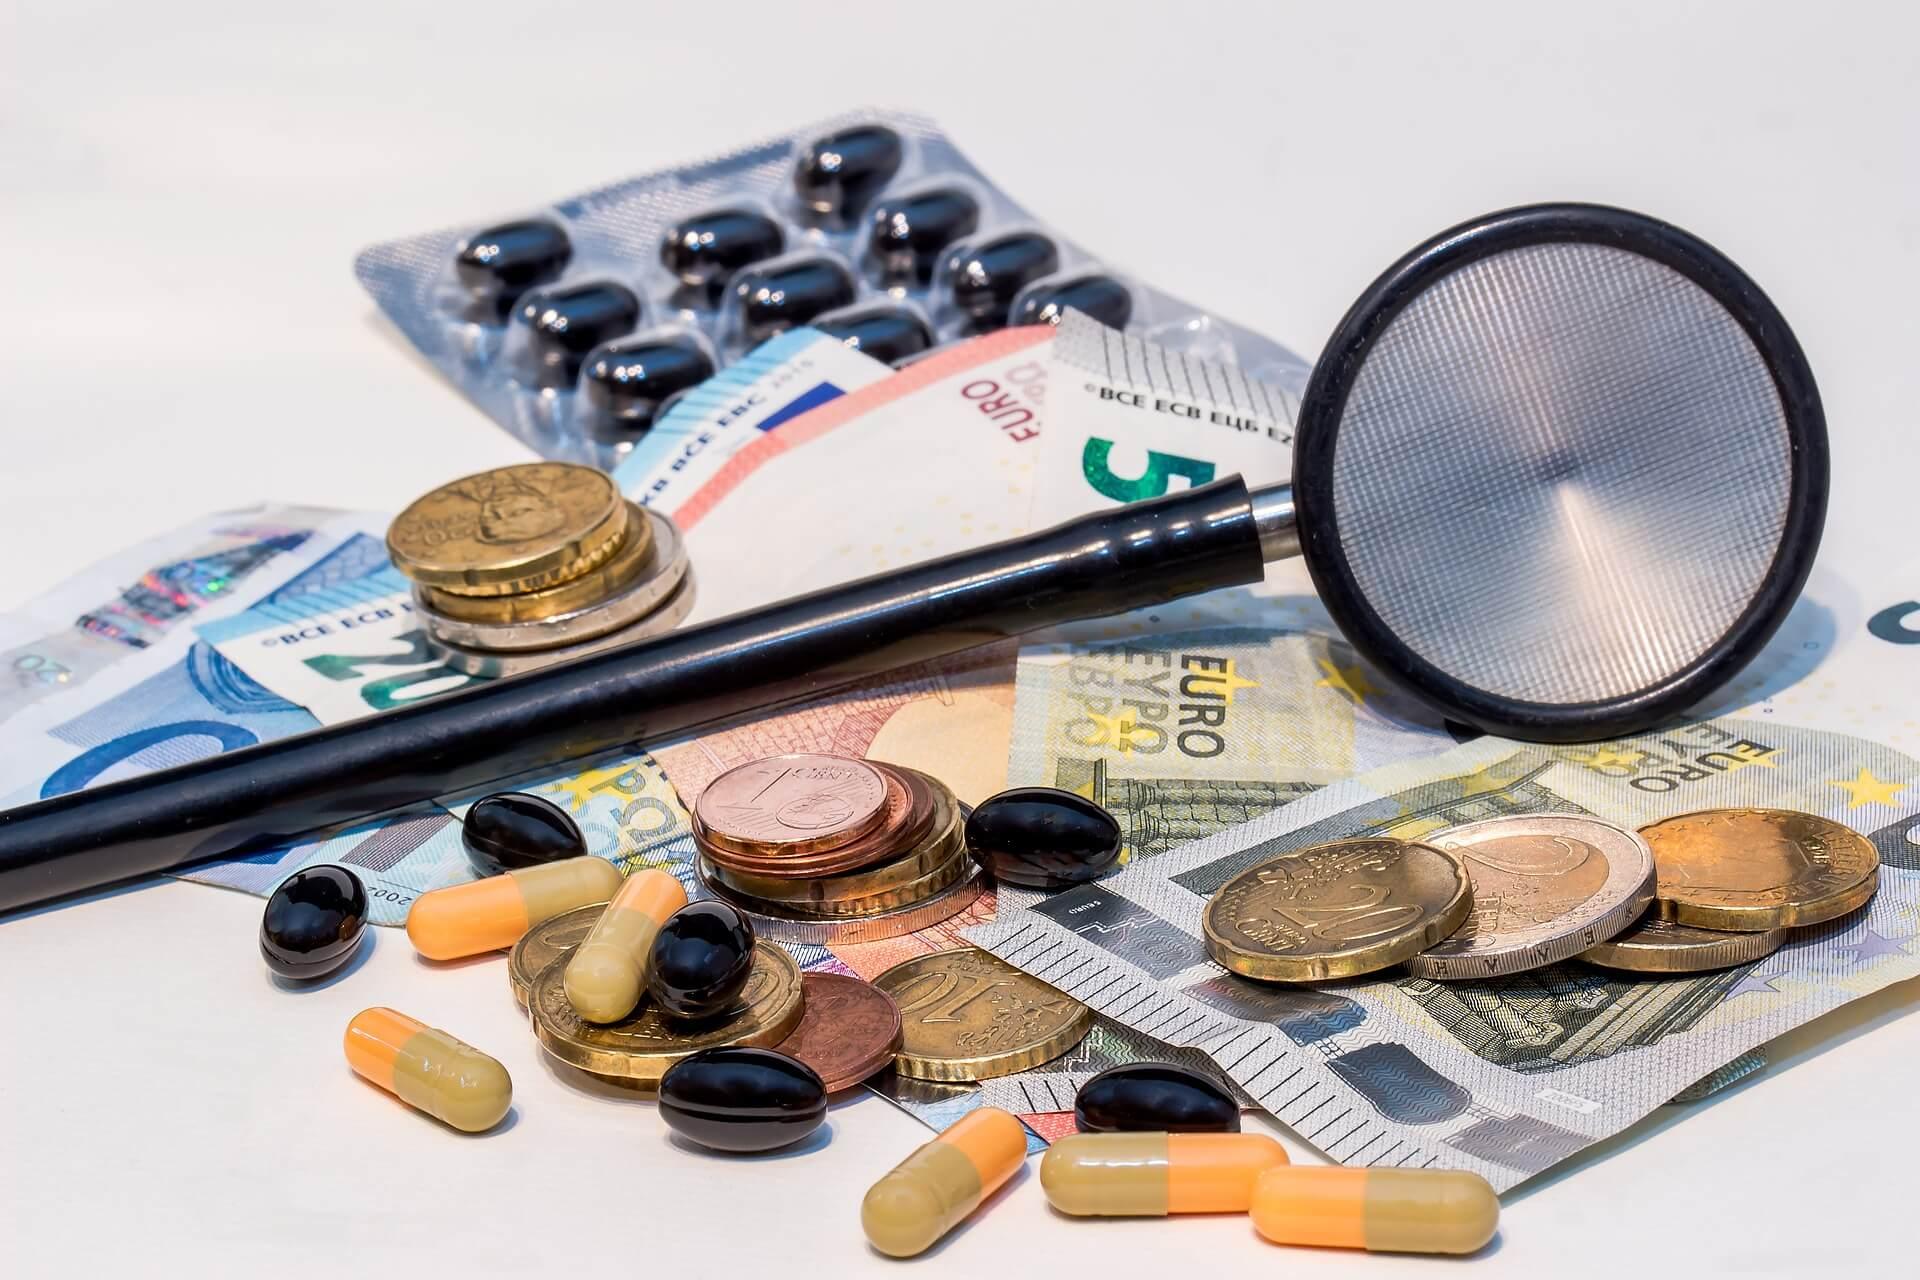 Krankheitskosten: Verzicht auf Kostenerstattung wegen Beitragserstattung